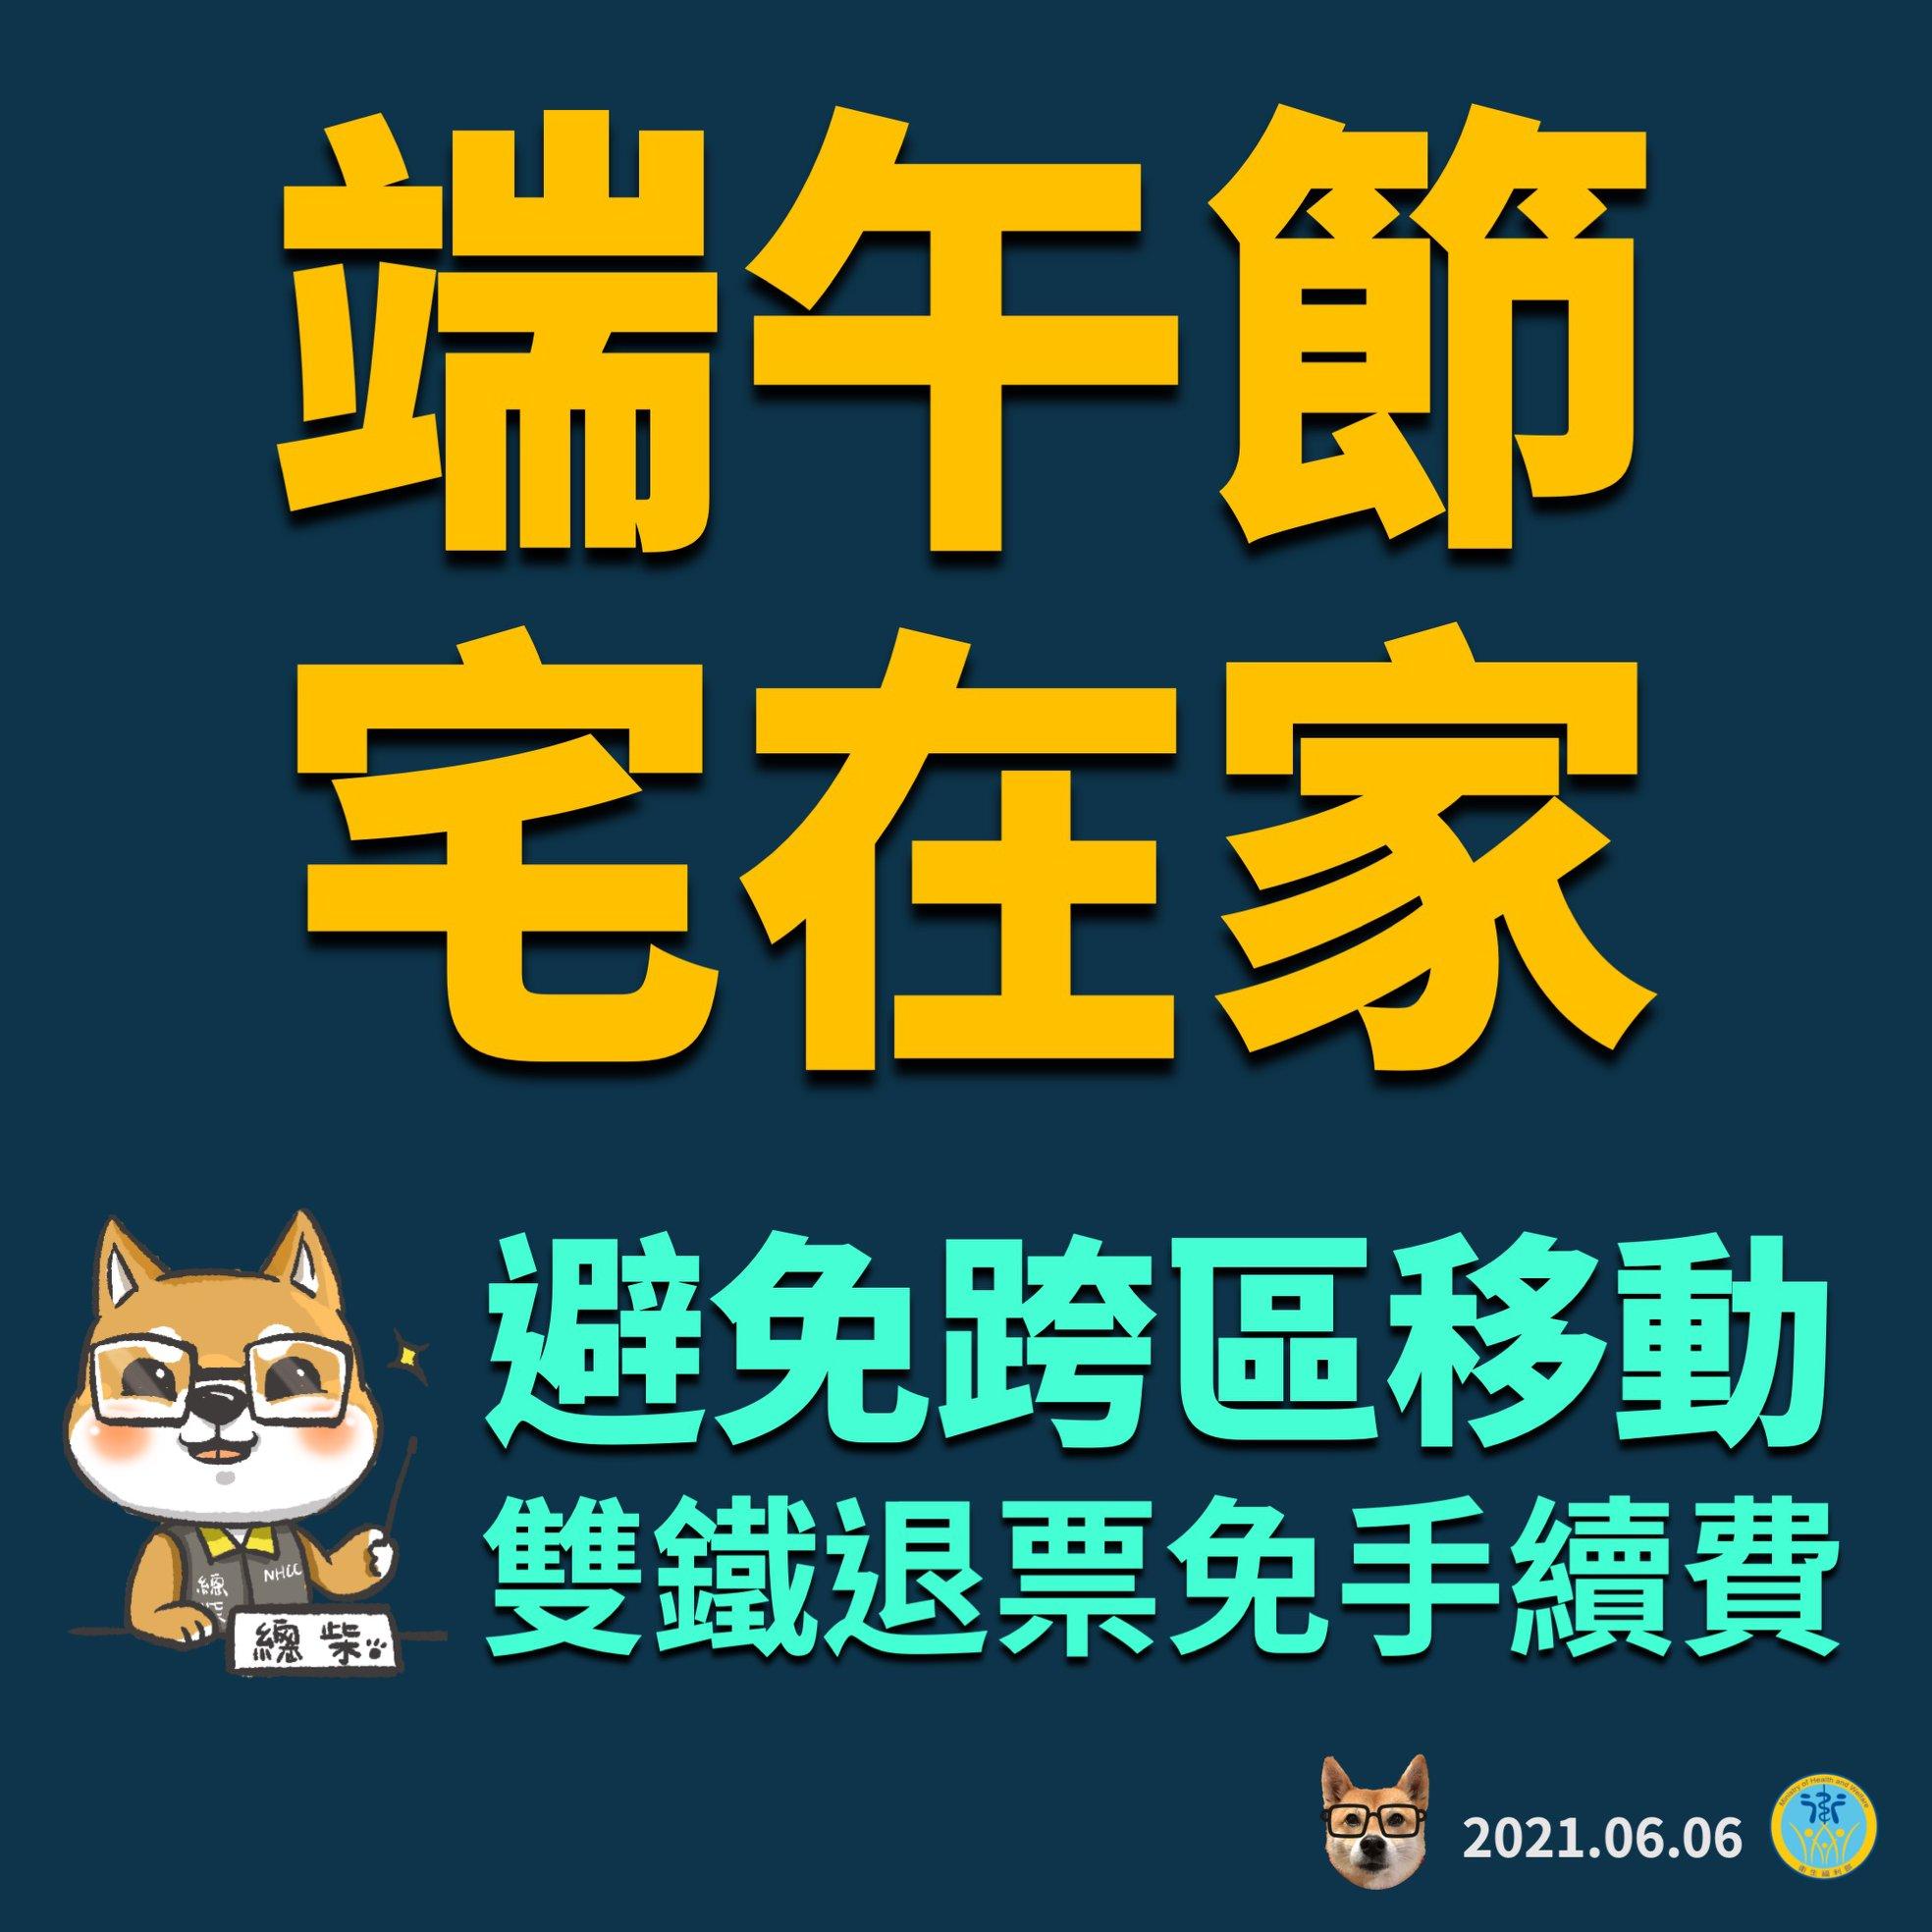 最新推播訊息:COVID-19疫苗來了。台北市明早開放85歲以上長輩優先預約